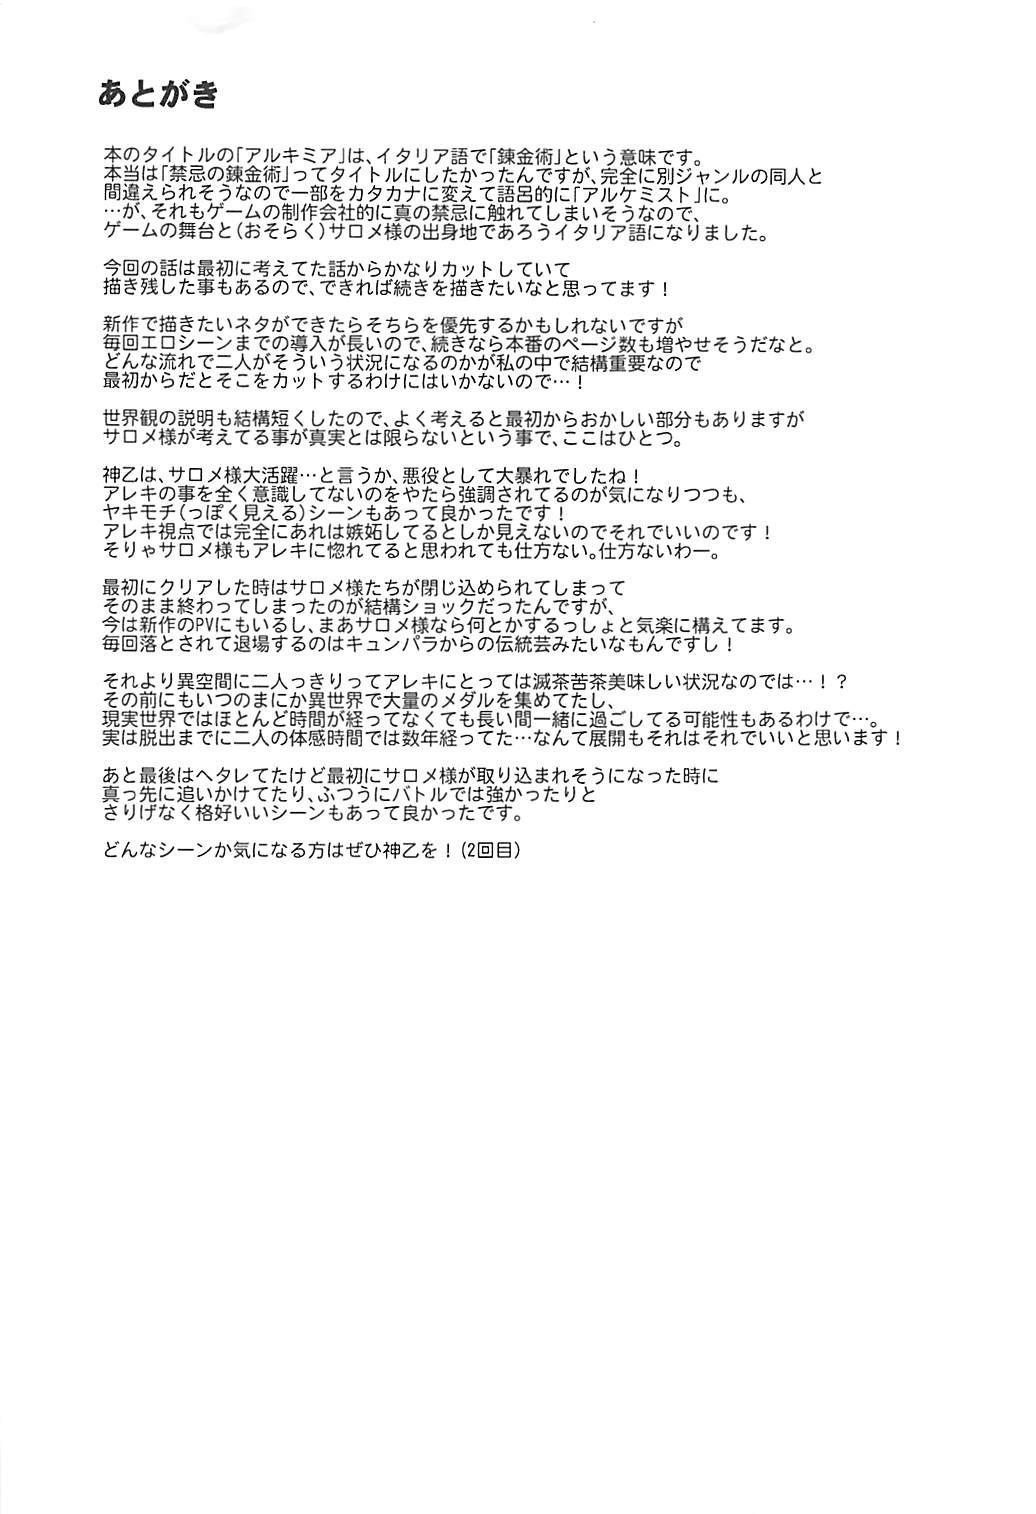 Kinki no Alchimia 27